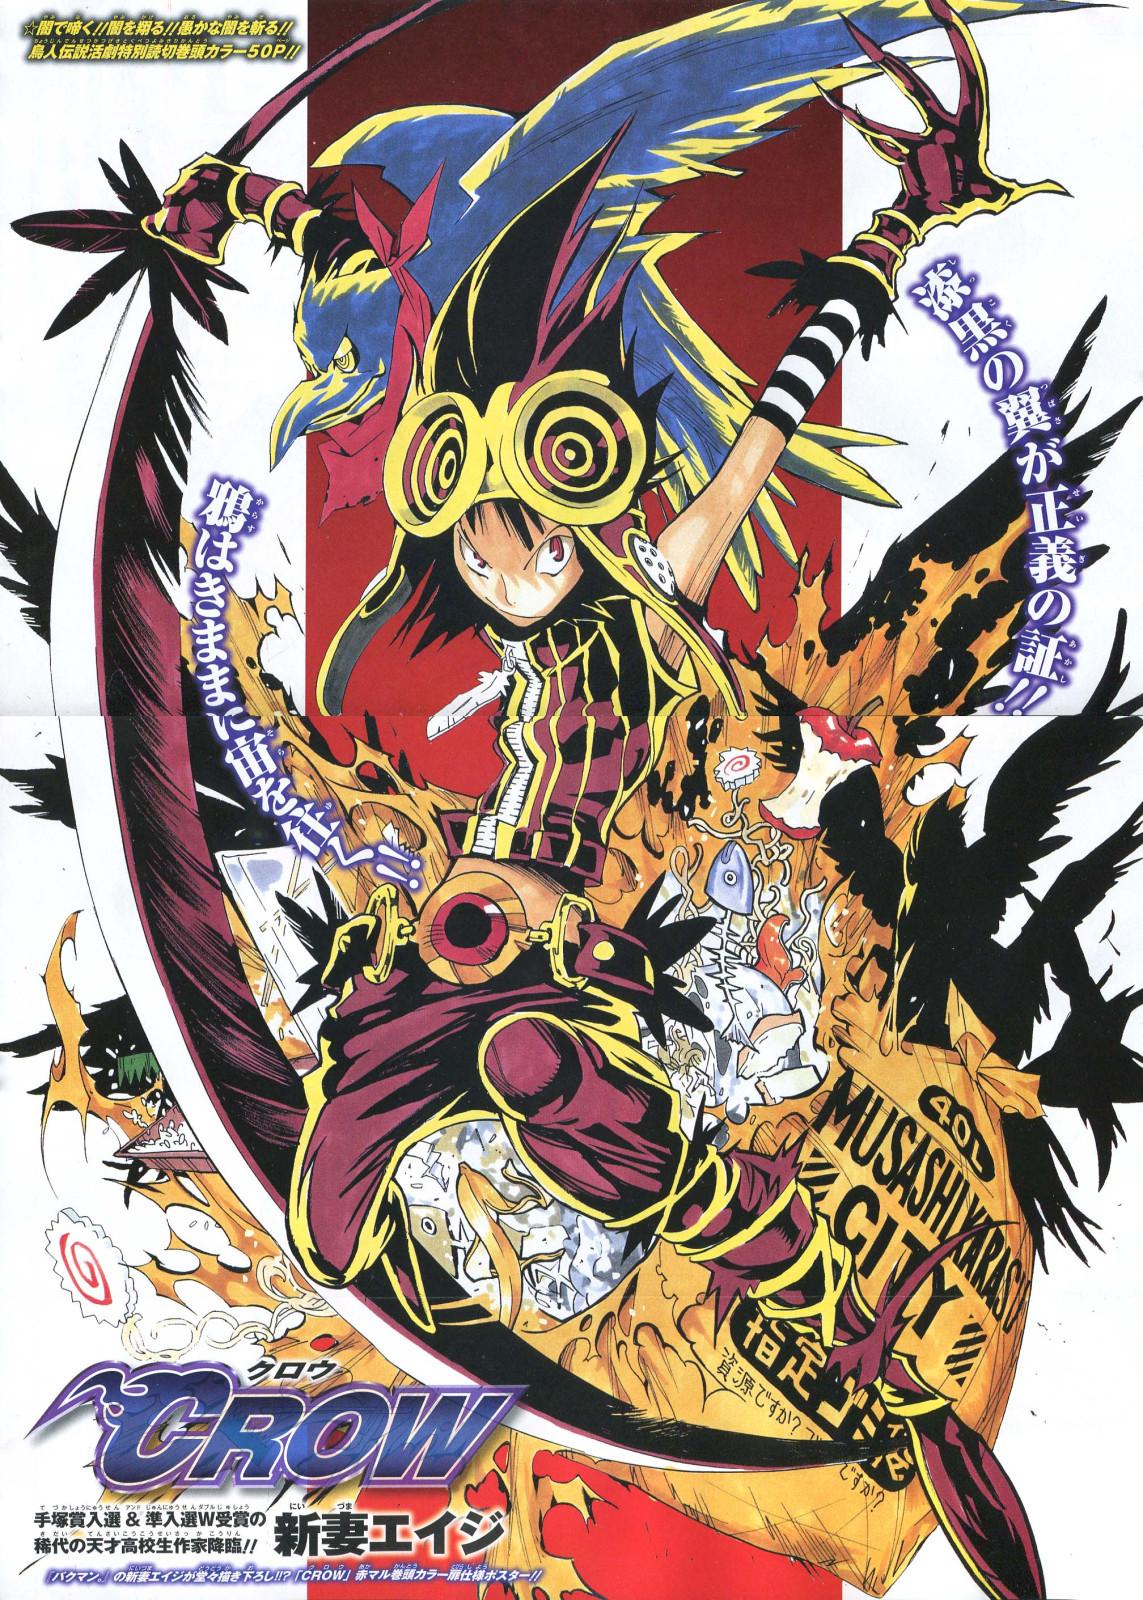 Archivo:Crow.jpg